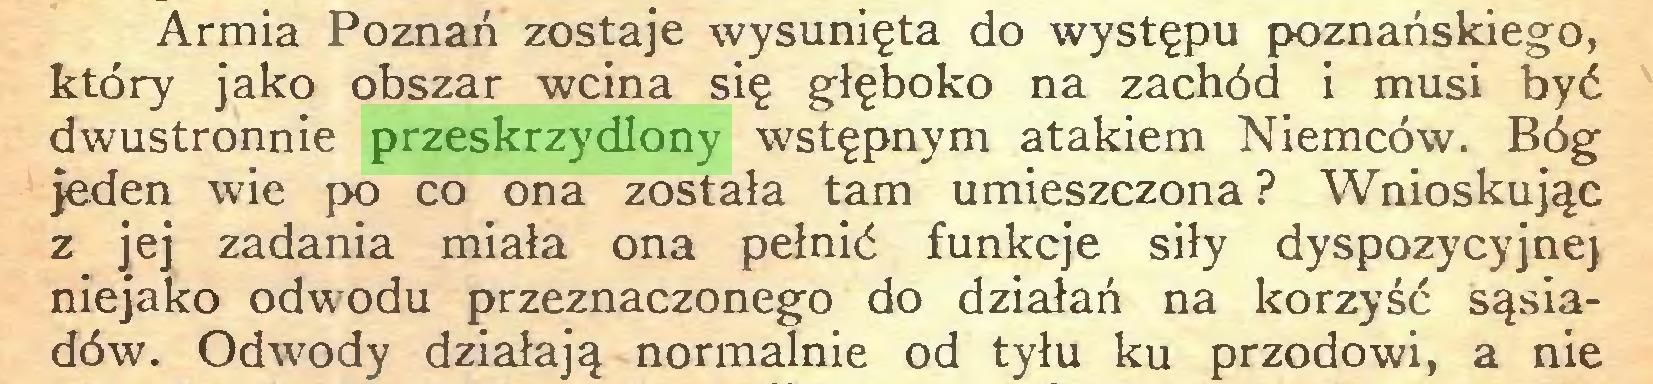 (...) Armia Poznań zostaje wysunięta do występu poznańskiego, który jako obszar wcina się głęboko na zachód i musi być dwustronnie przeskrzydlony wstępnym atakiem Niemców. Bóg jeden wie po co ona została tam umieszczona ? Wnioskując z jej zadania miała ona pełnić funkcje siły dyspozycyjnej niejako odwodu przeznaczonego do działań na korzyść sąsiadów. Odwody działają normalnie od tyłu ku przodowi, a nie...